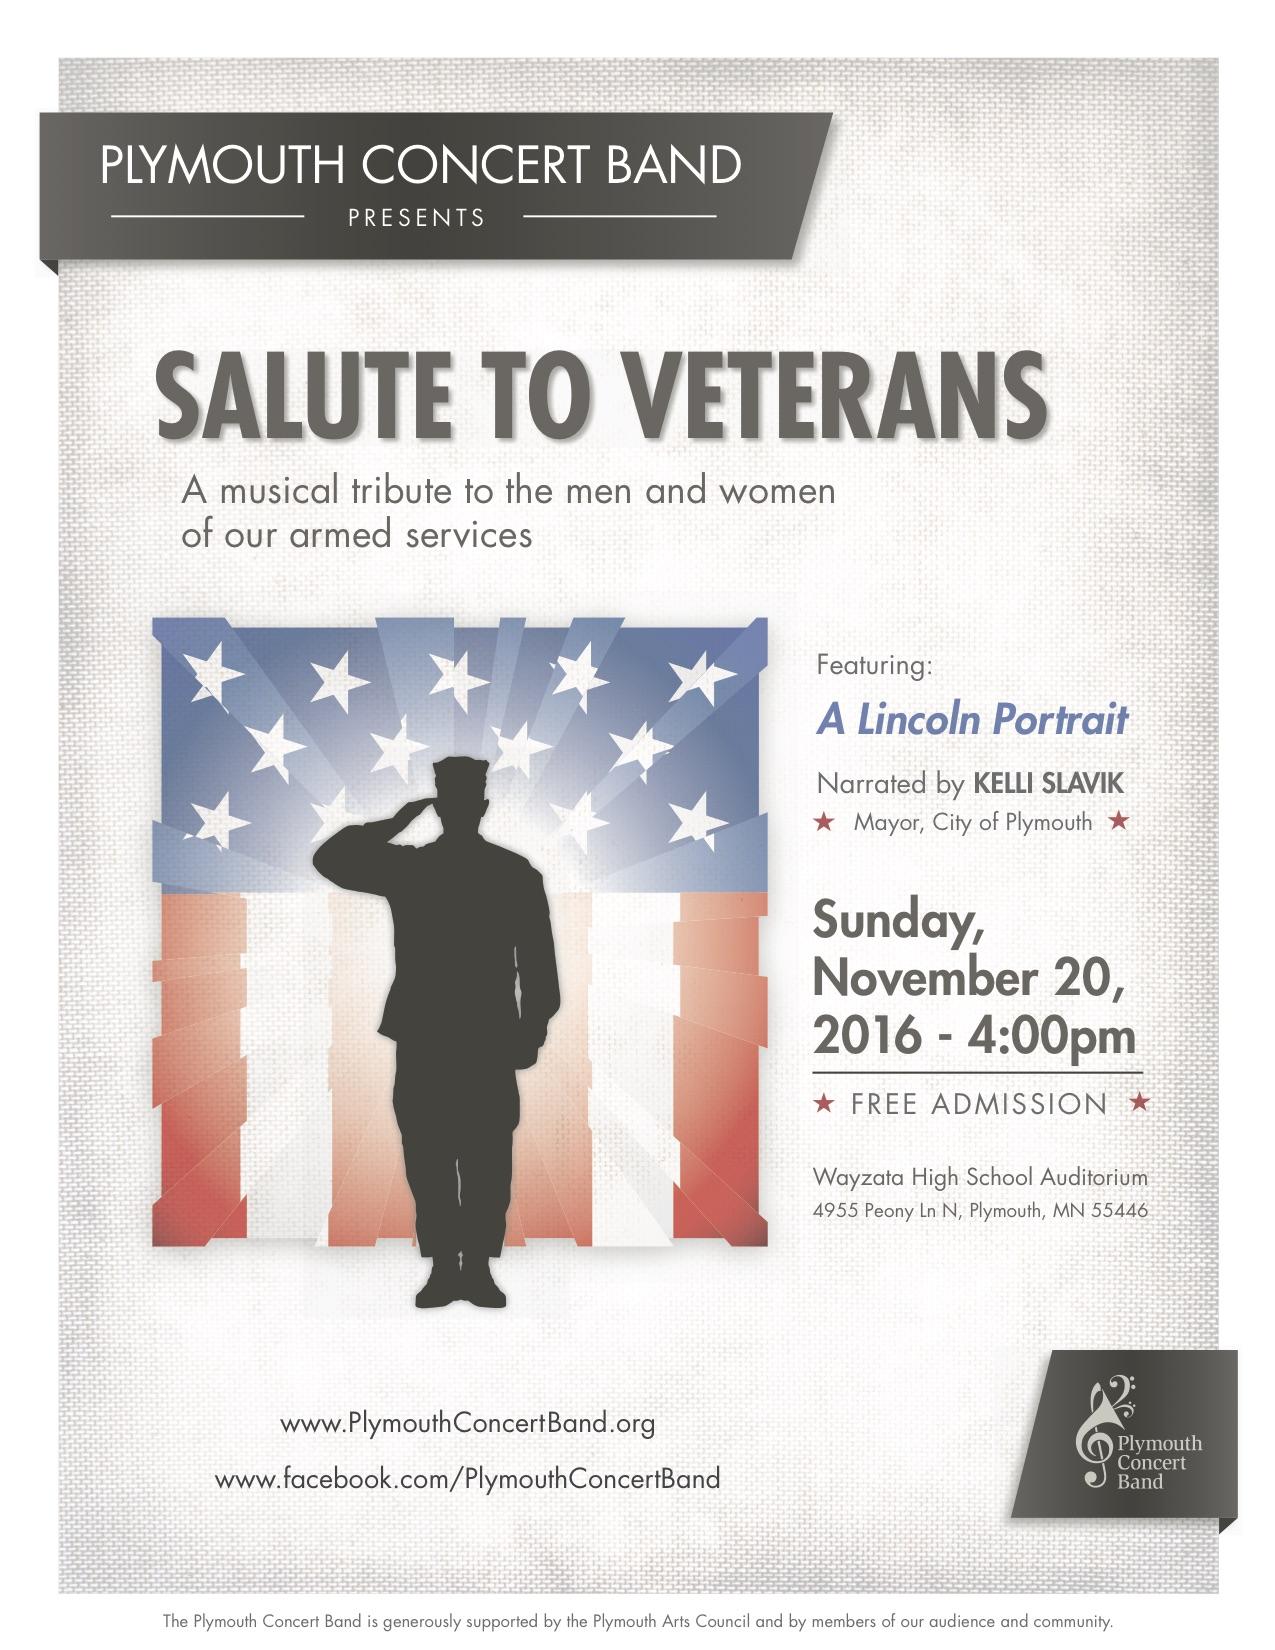 Salute_to_Veterans_Poster.jpg